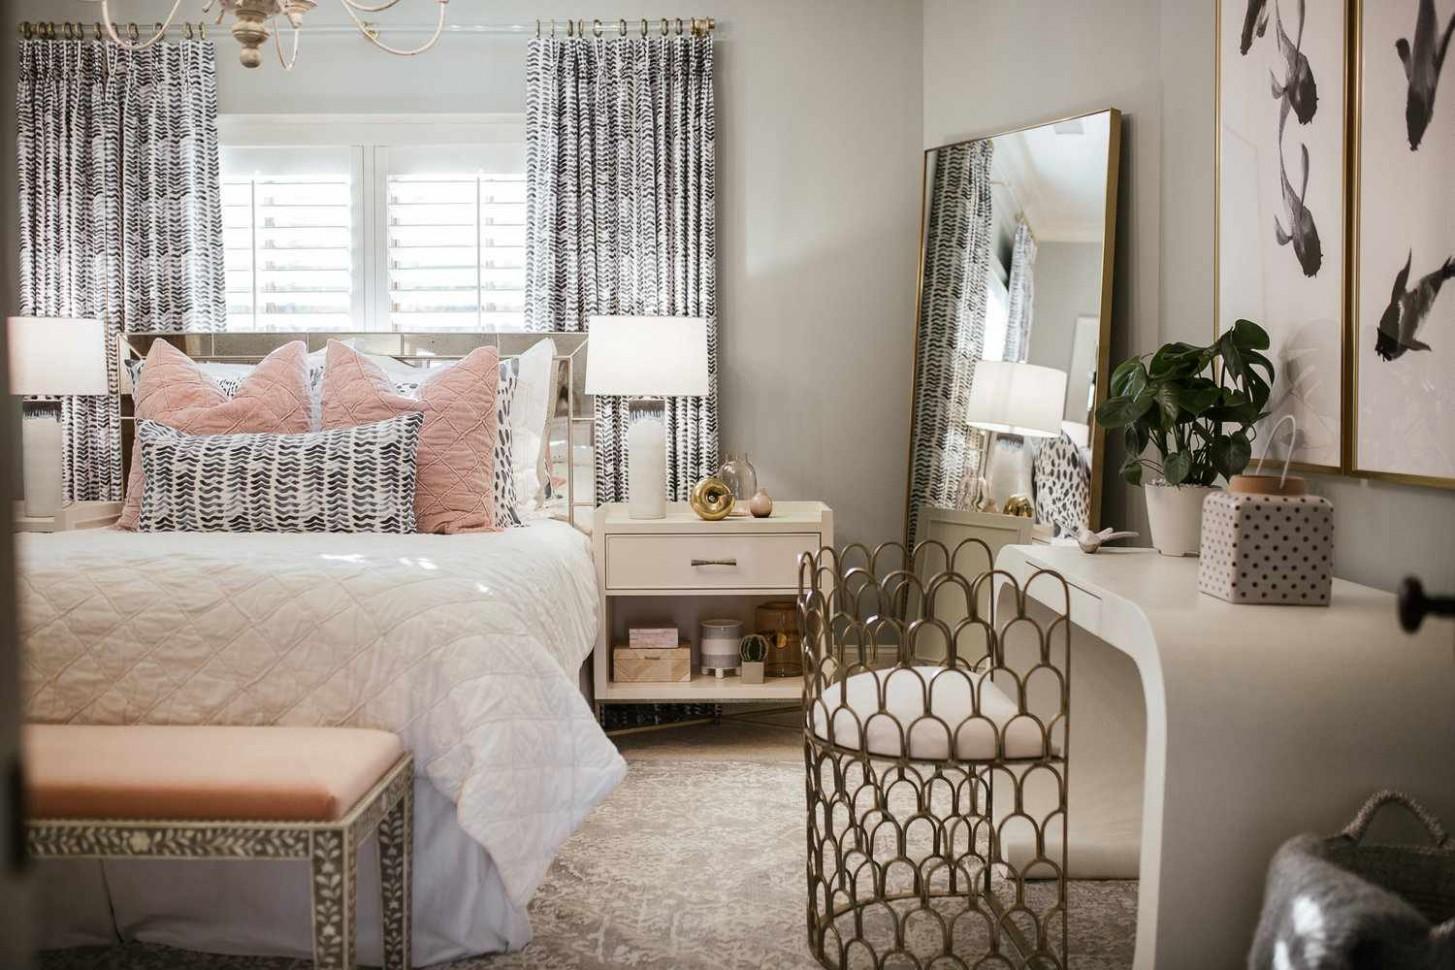 Teen Girl Bedroom Ideas - Bedroom Ideas Teenage Girl